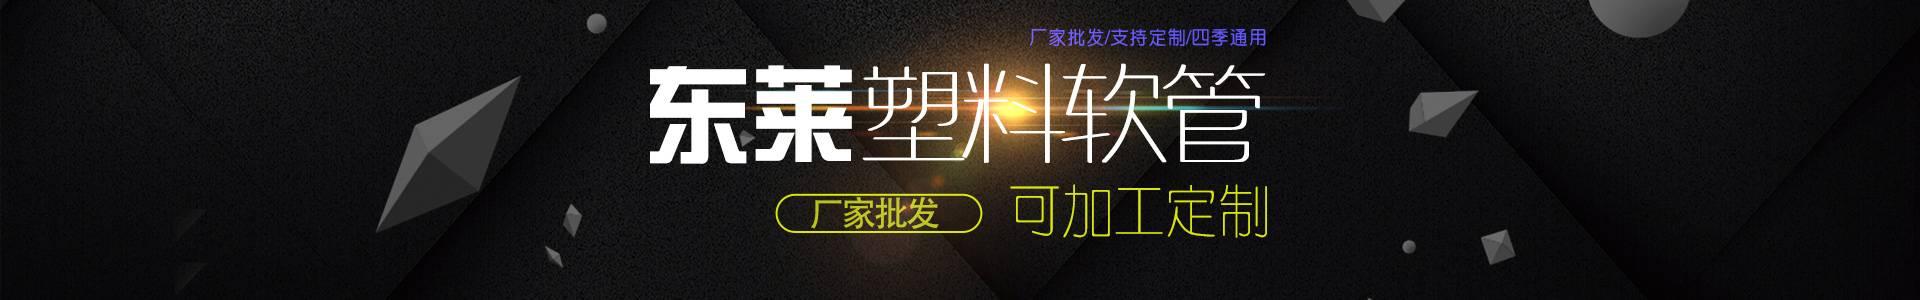 江苏东莱管业有限公司